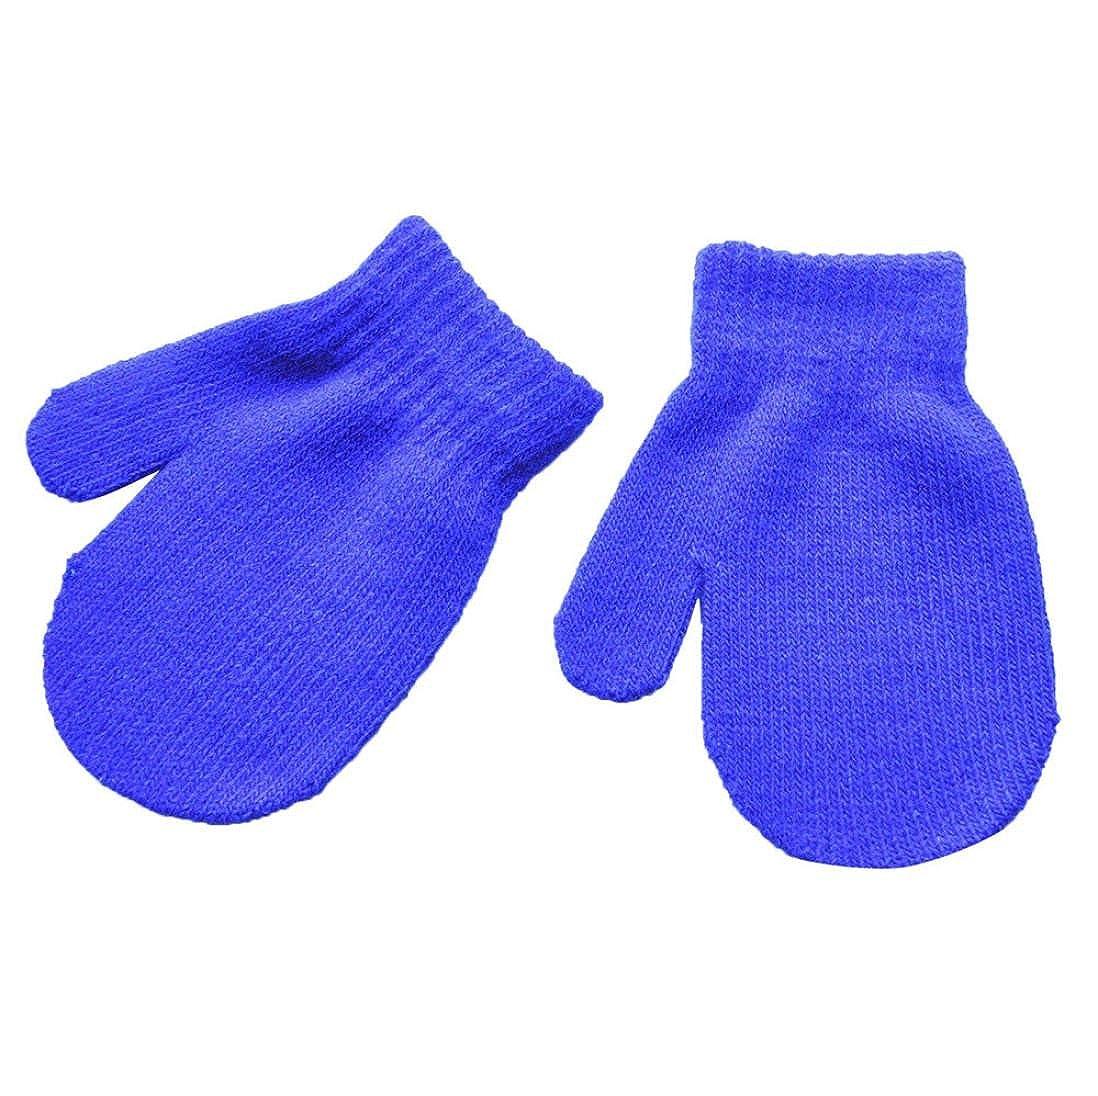 Hirolan Fäustlinge Säugling 1-4 Jahre Baby Niedlich Solide Drucken Mädchen Jungen Von Winter Mode Einfach Praxis Mittens Super Warme Gloves Handschuhe 1 Paar)